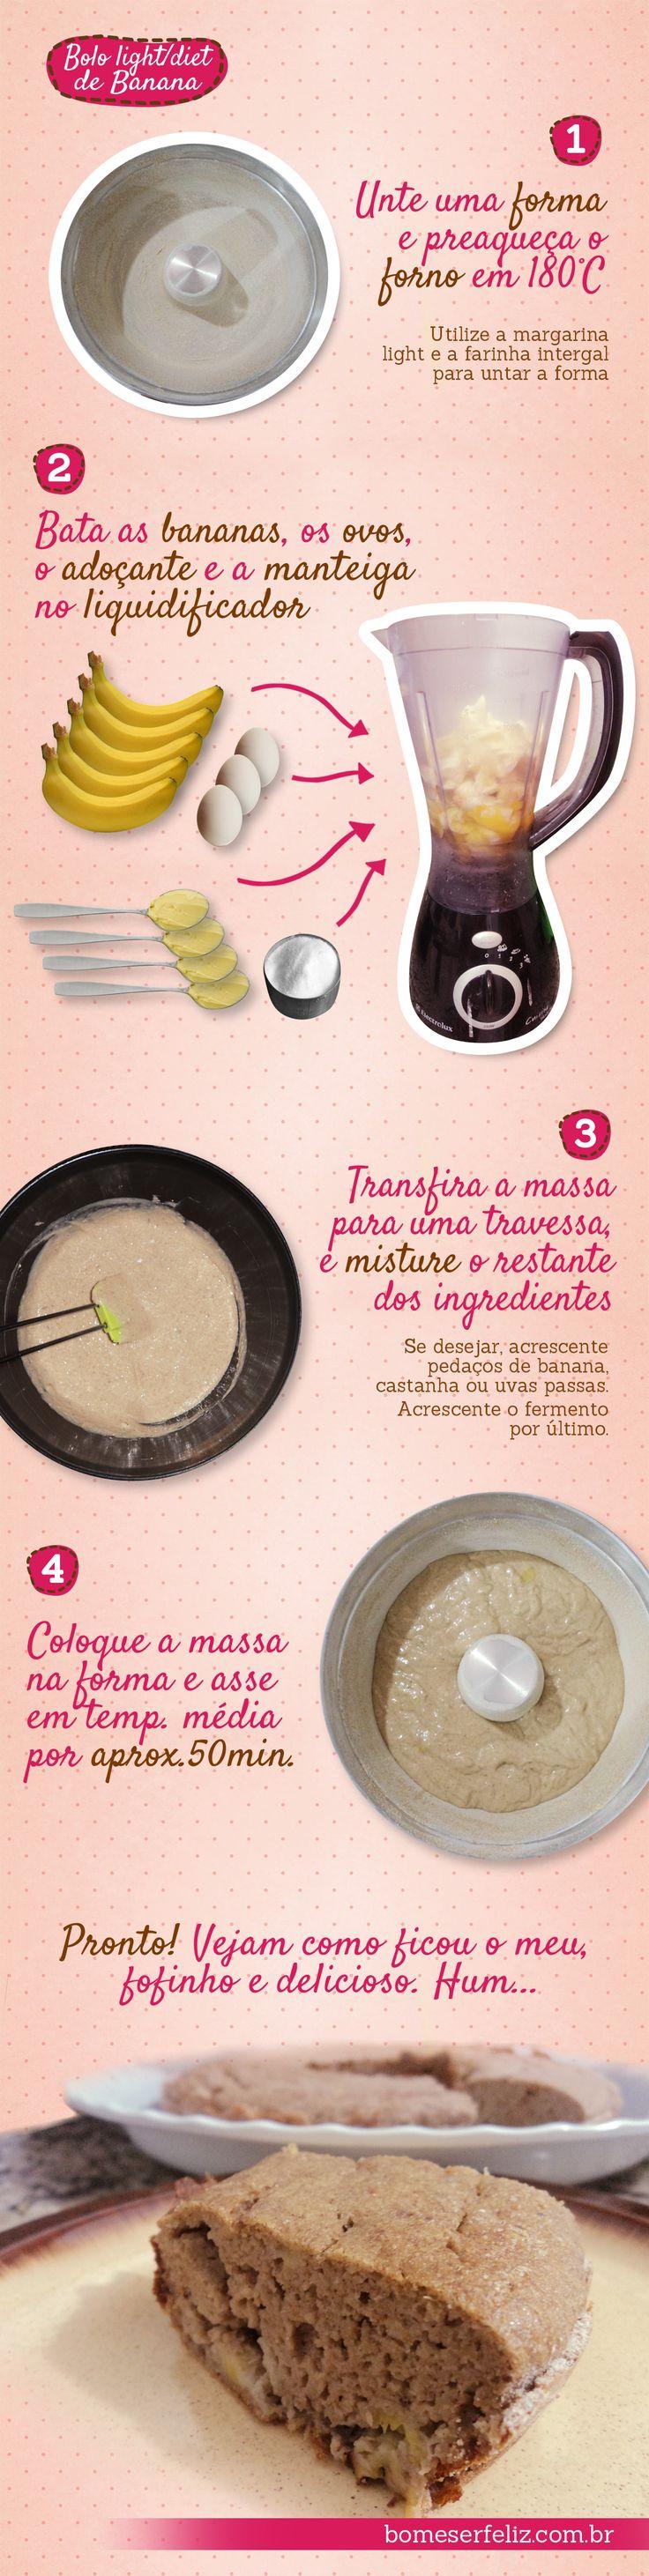 Ingredientes: • 5 bananas prata maduras • 3 ovos • 1 xícara de café de adoçante em pó para forno e fogão (preferencialmente com sucralose) • 4 colheres (sopa) de margarina light • 1 xícara de chá de farinha de trigo integral • 1 xícara de chá de aveia • 1 colher de sopa de canela em pó • 1 colher de sopa de fermento em pó